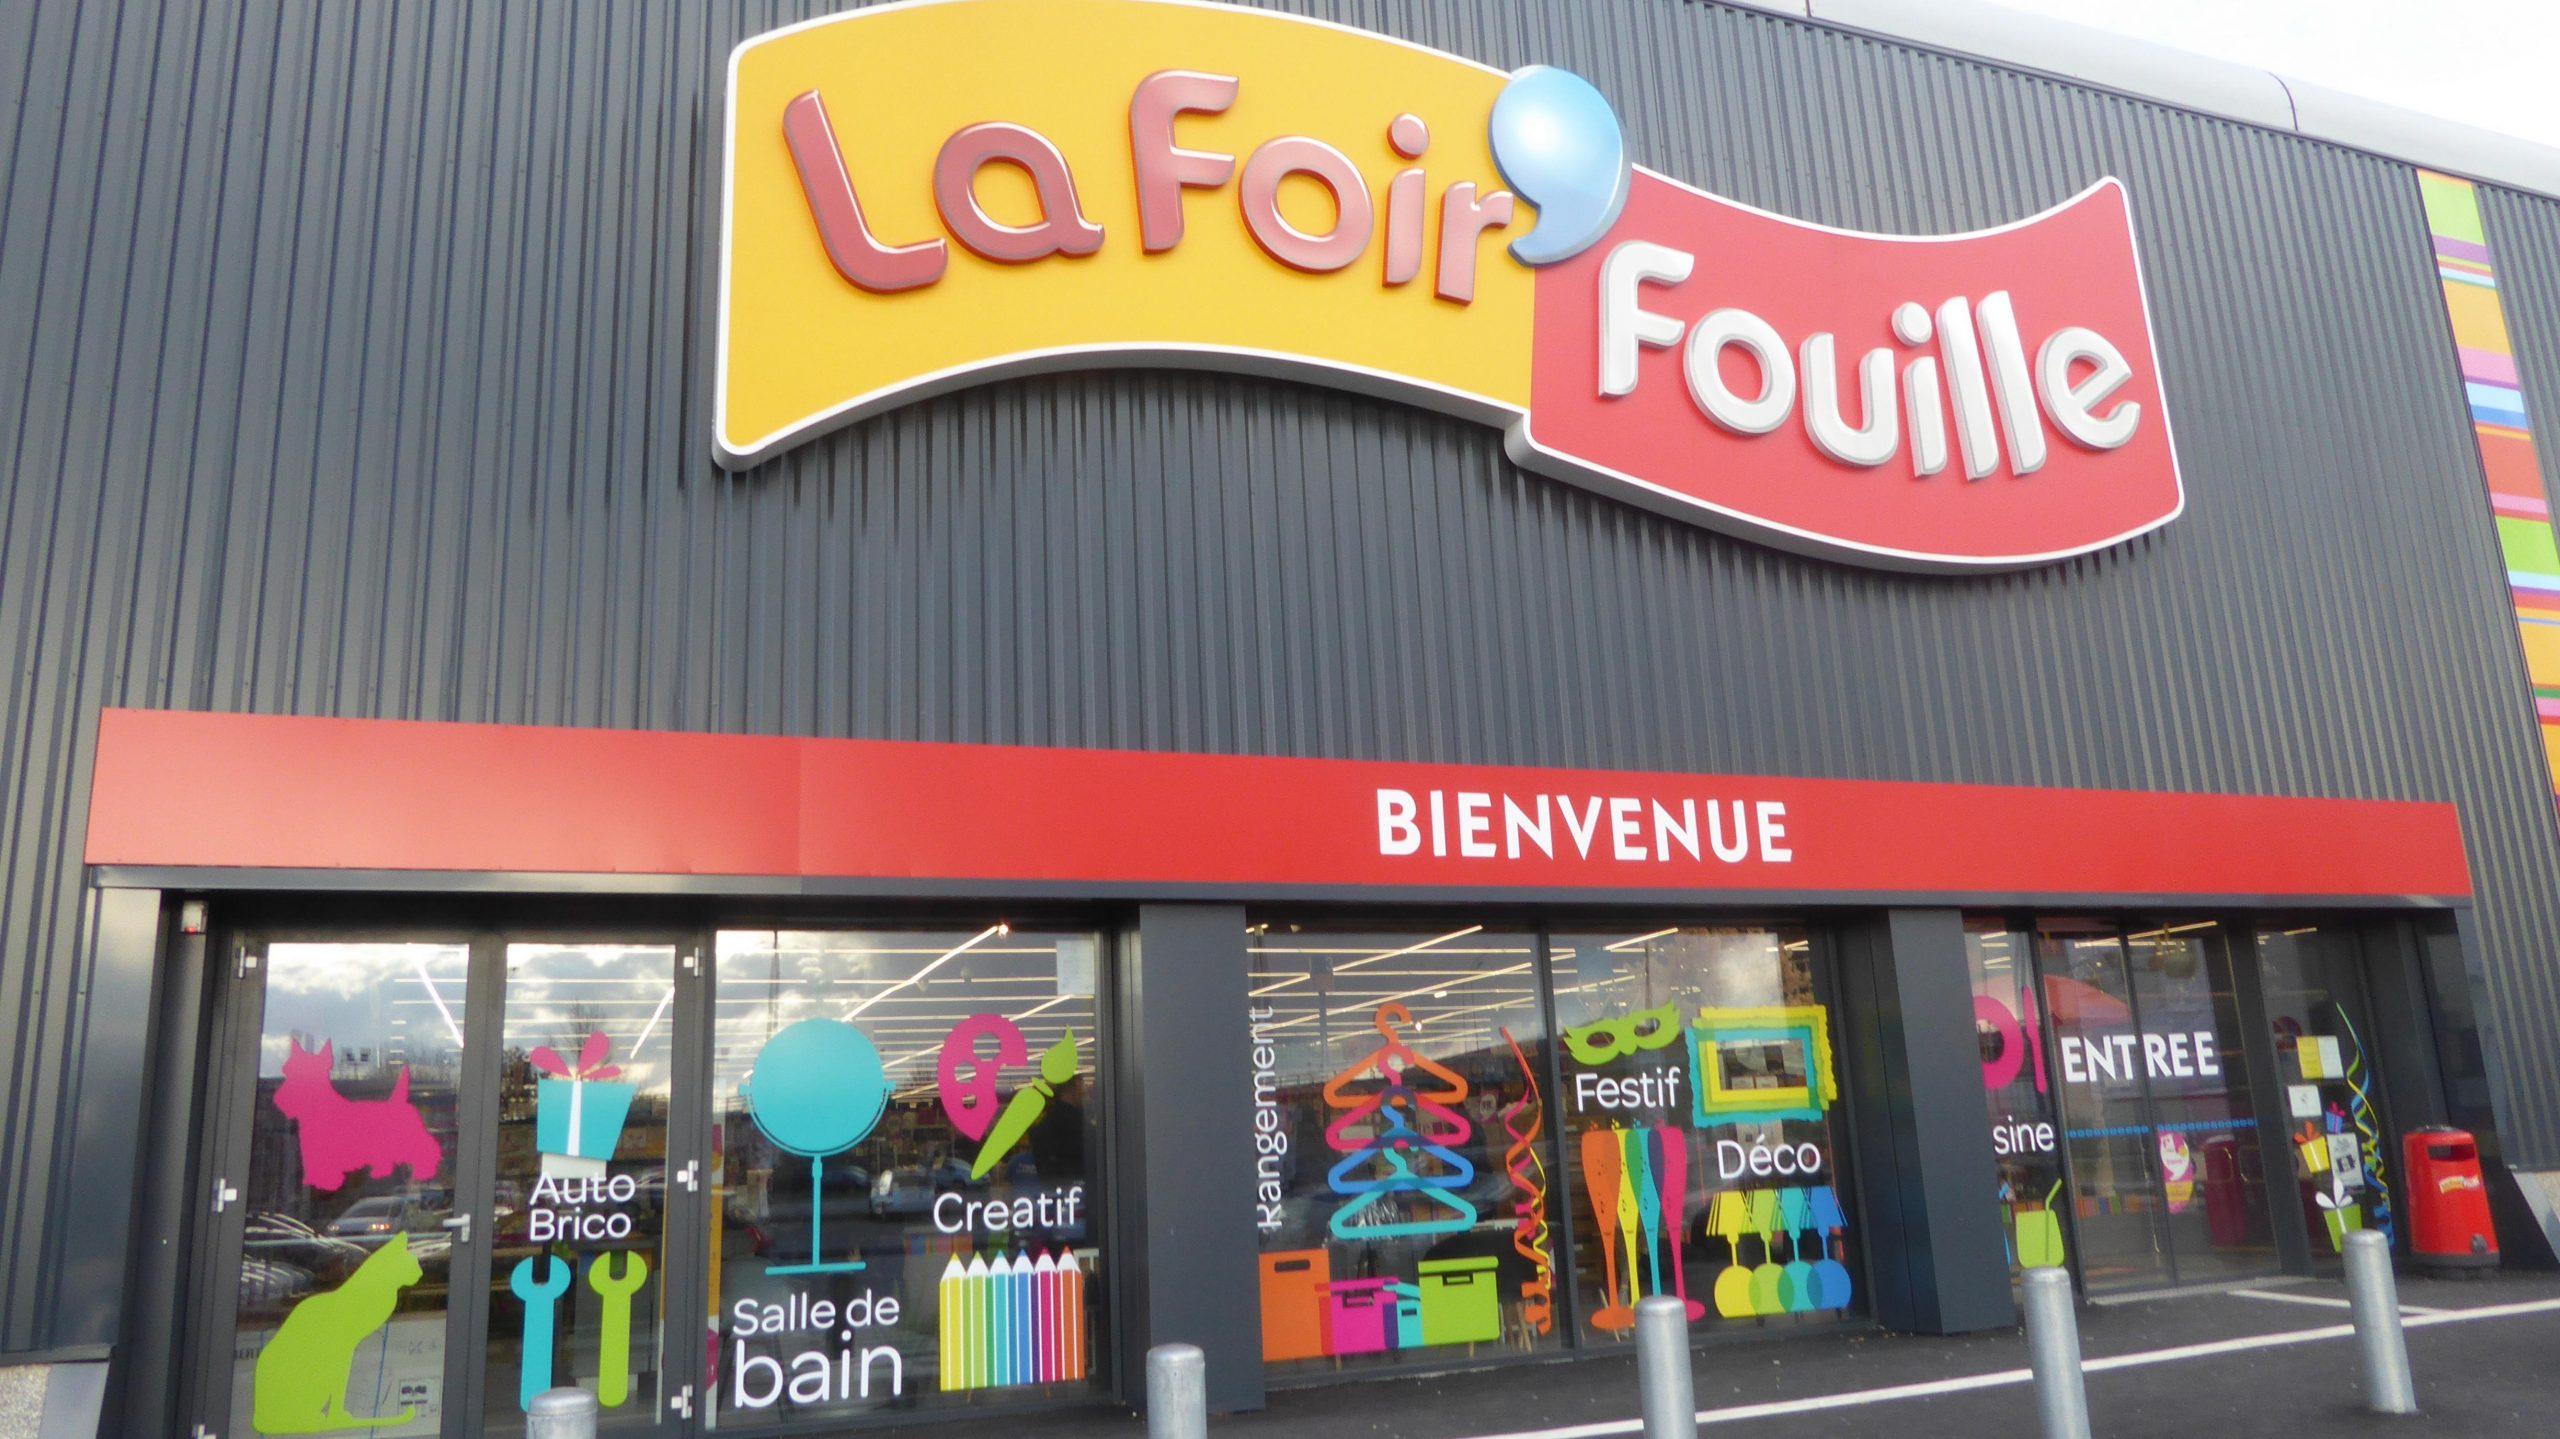 La Foir'fouille : Bazar Et Déstockage Kingersheim 68260 ... intérieur Foire Fouille